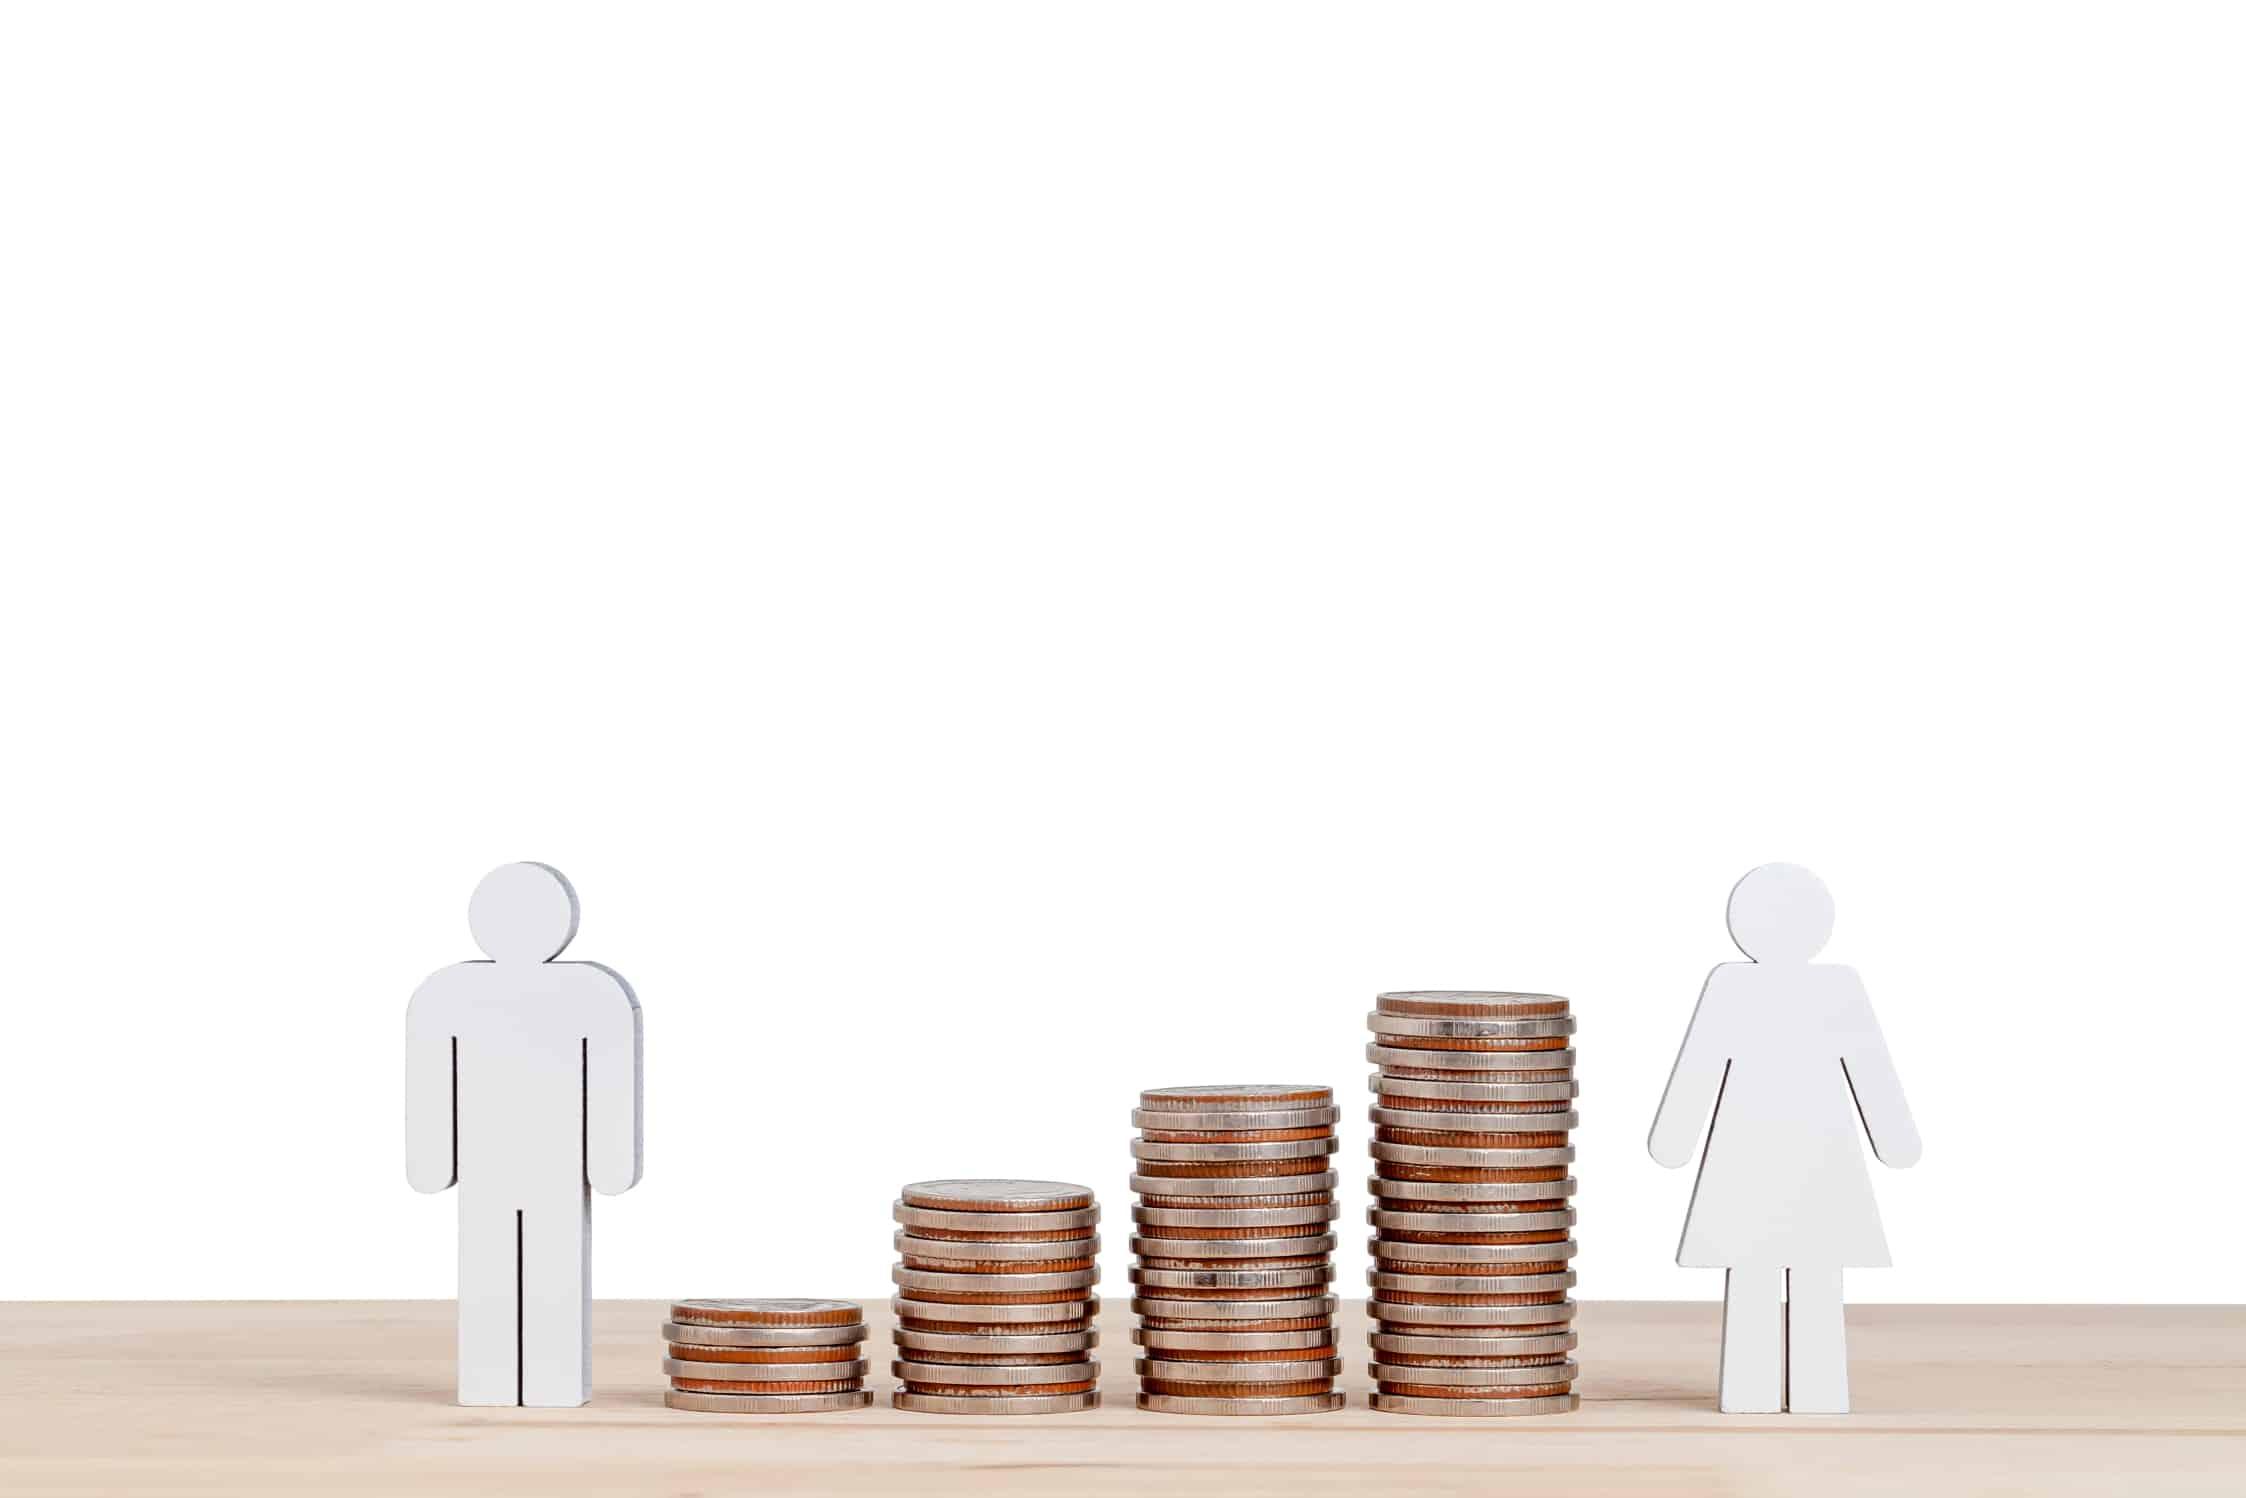 חלוקת חסכונות פנסיוניים בגירושין